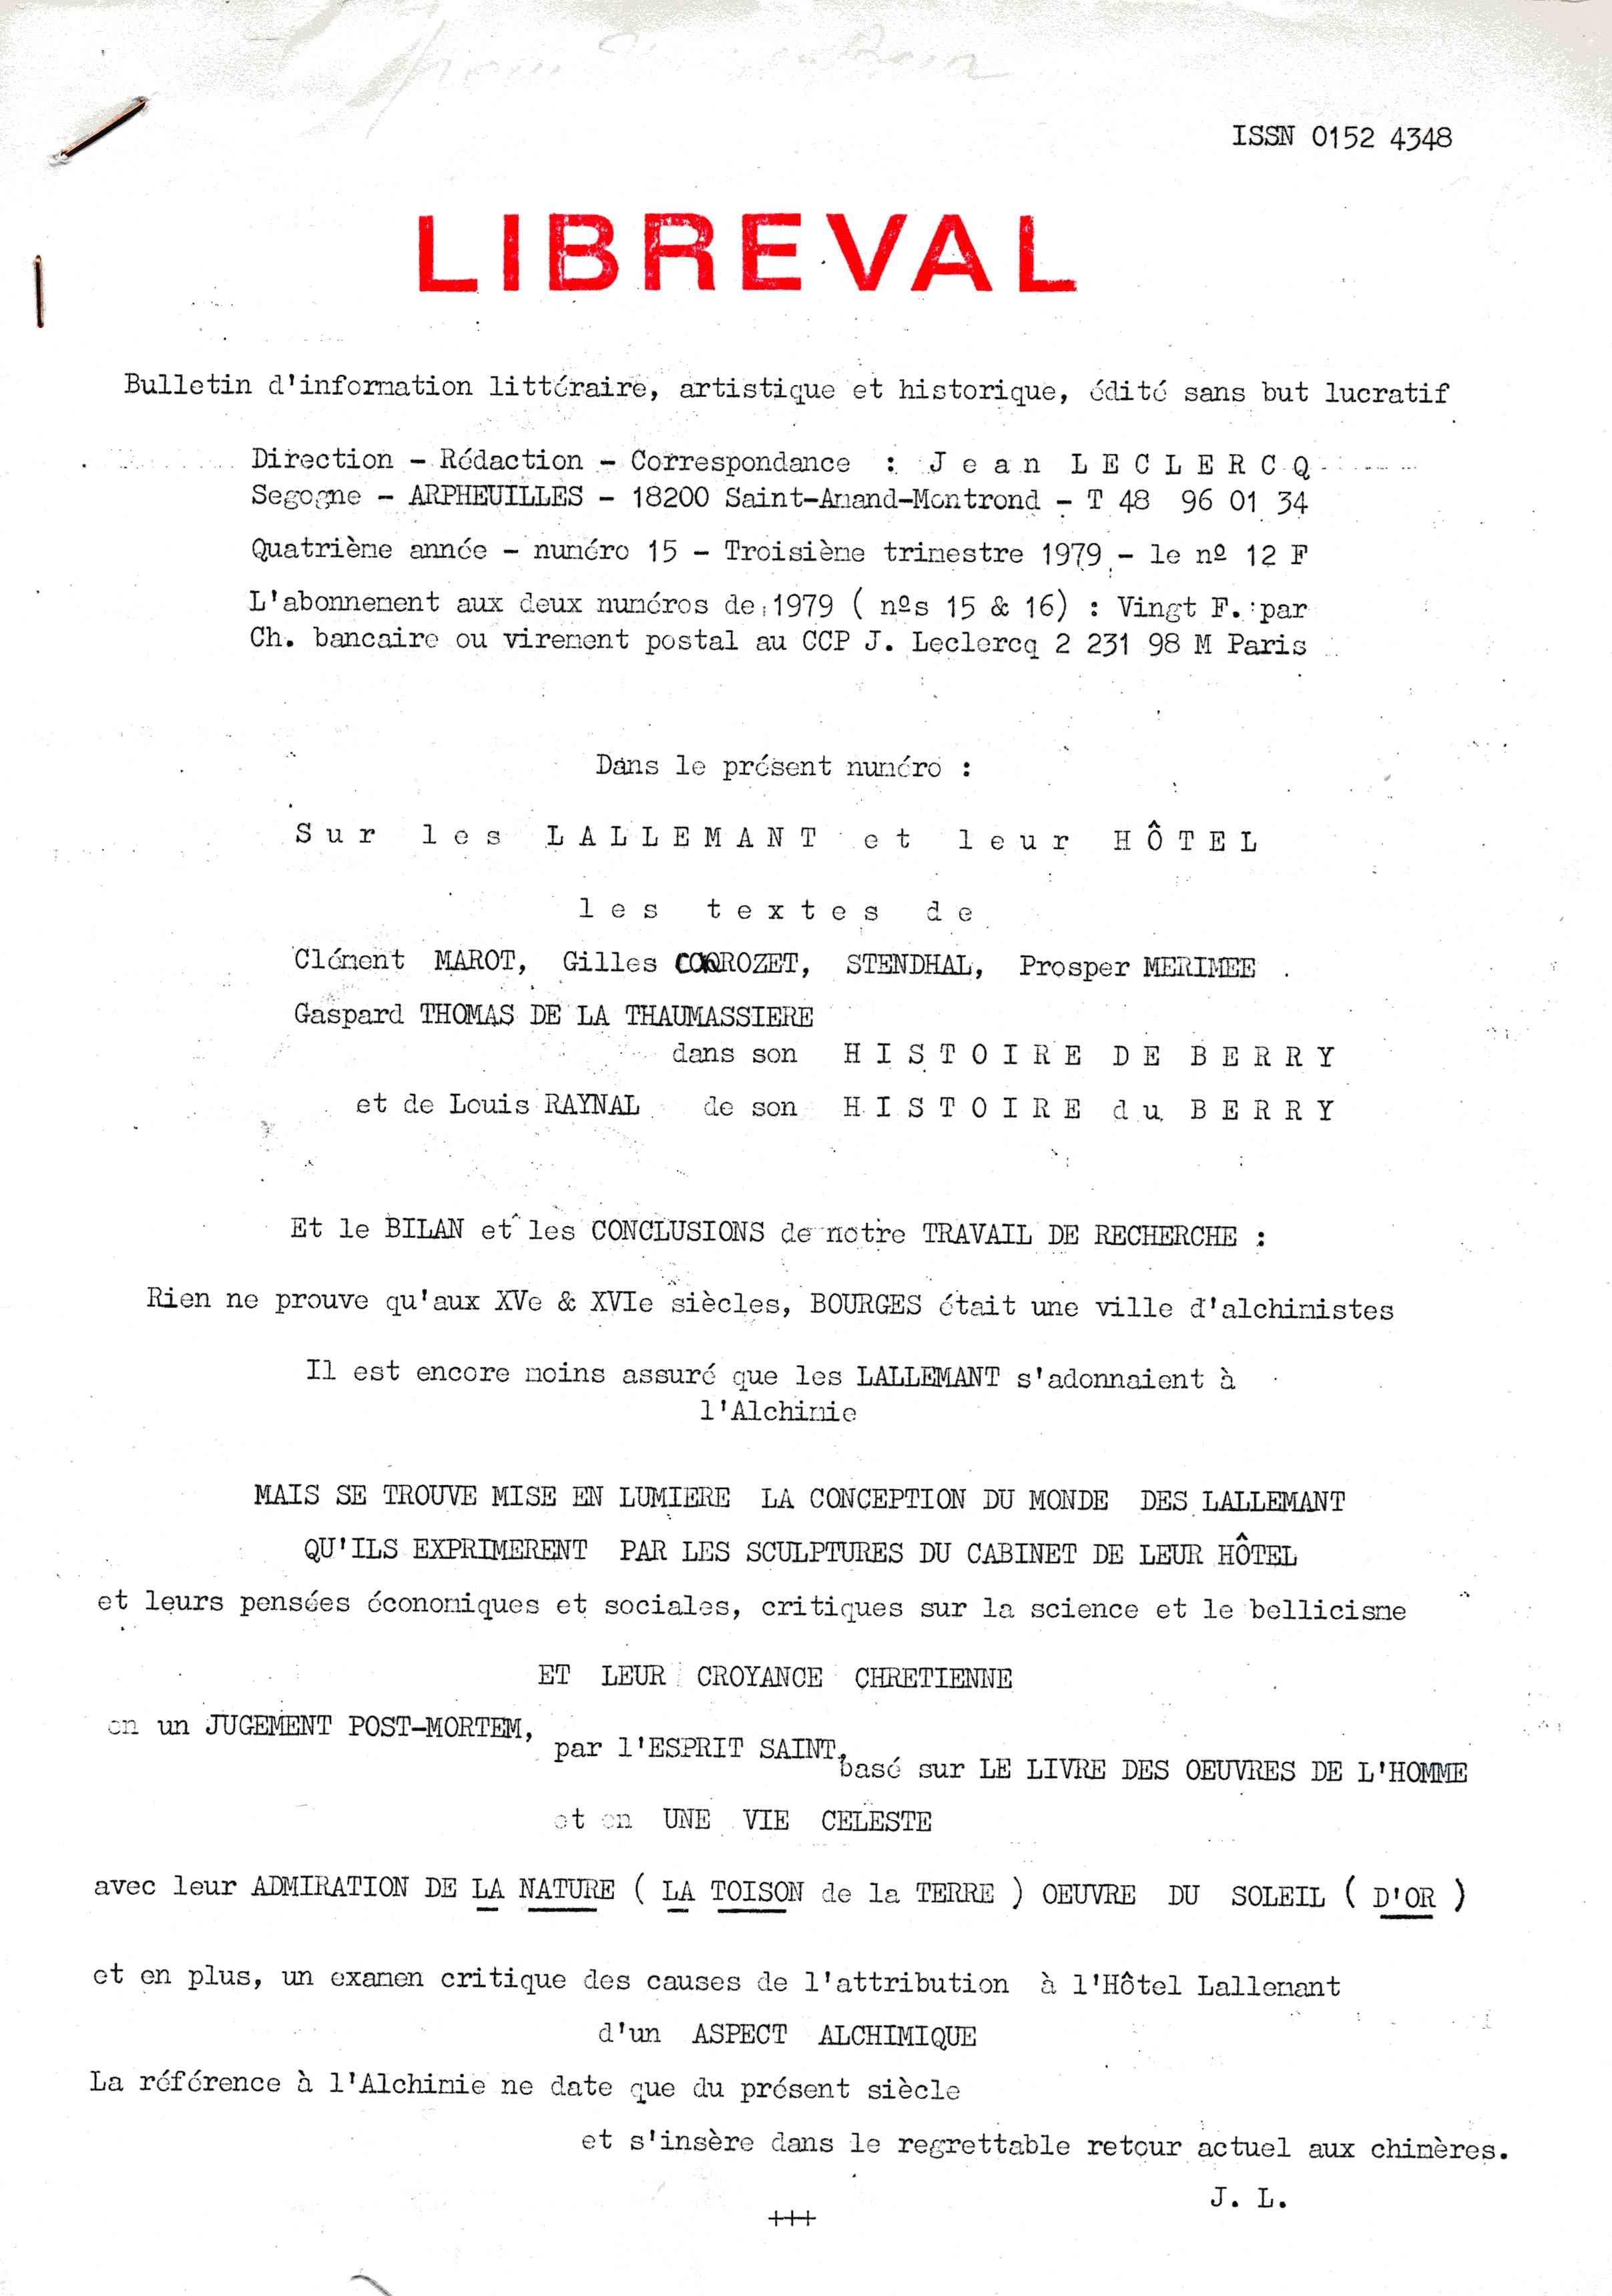 Désiré Libreval